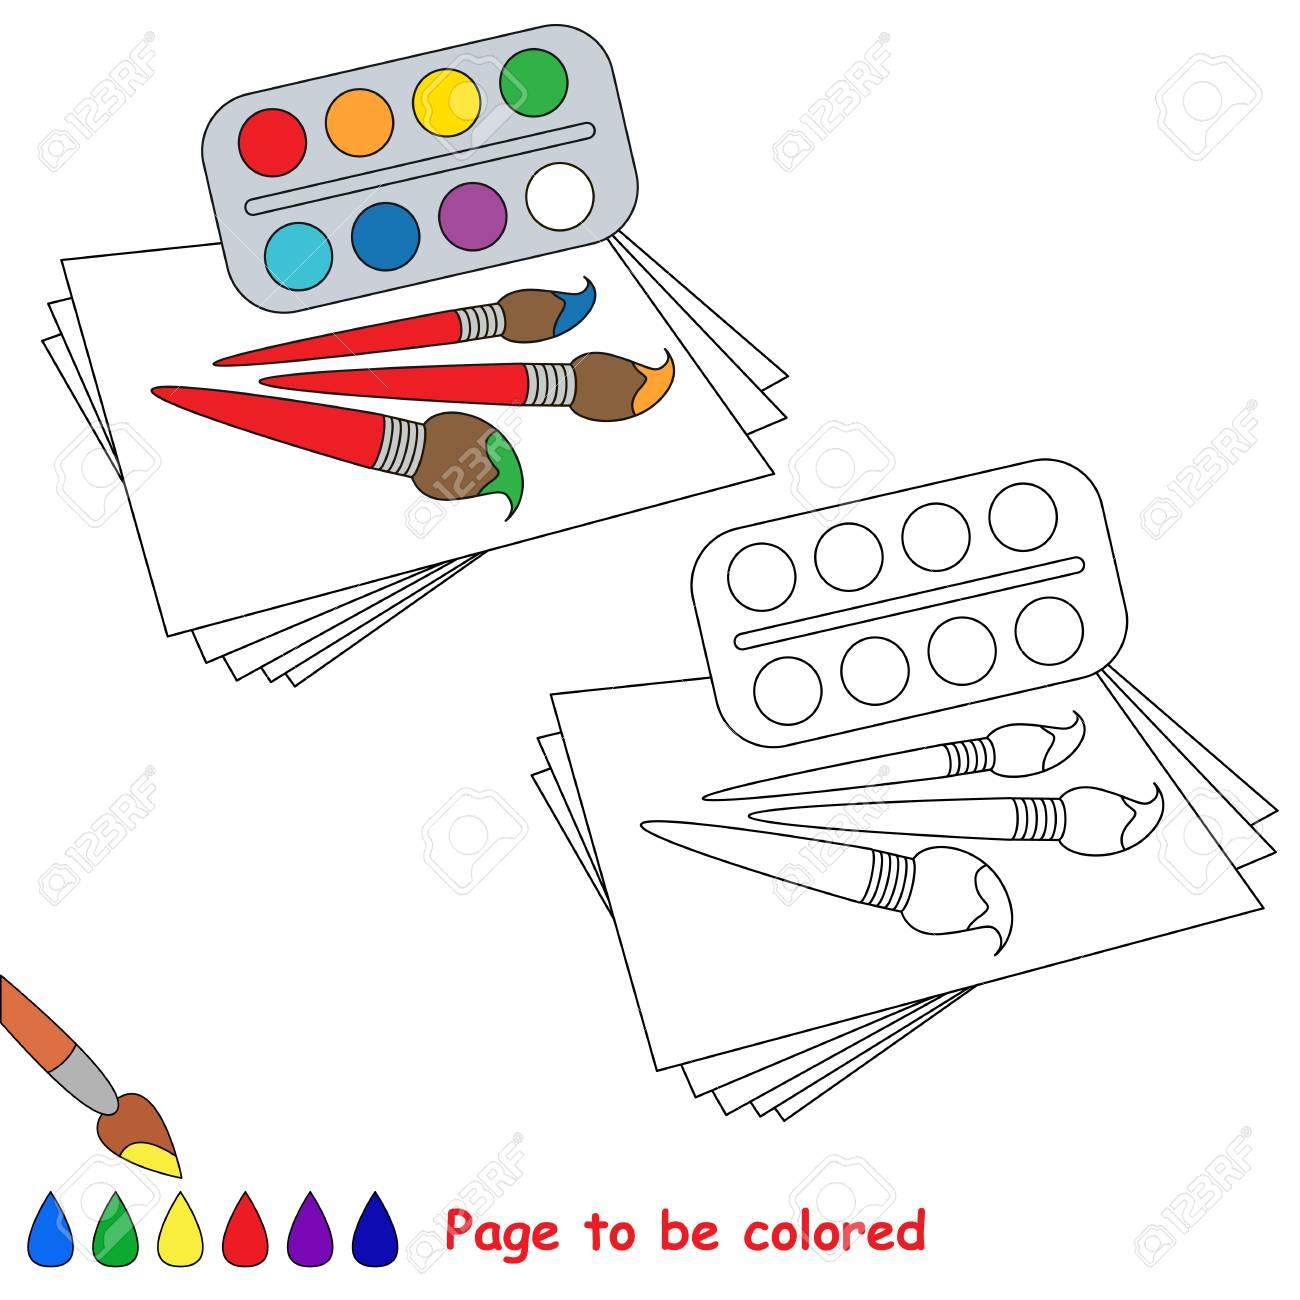 Acuarela Pinceles Y Papel Para Colorear El Libro Para Colorear